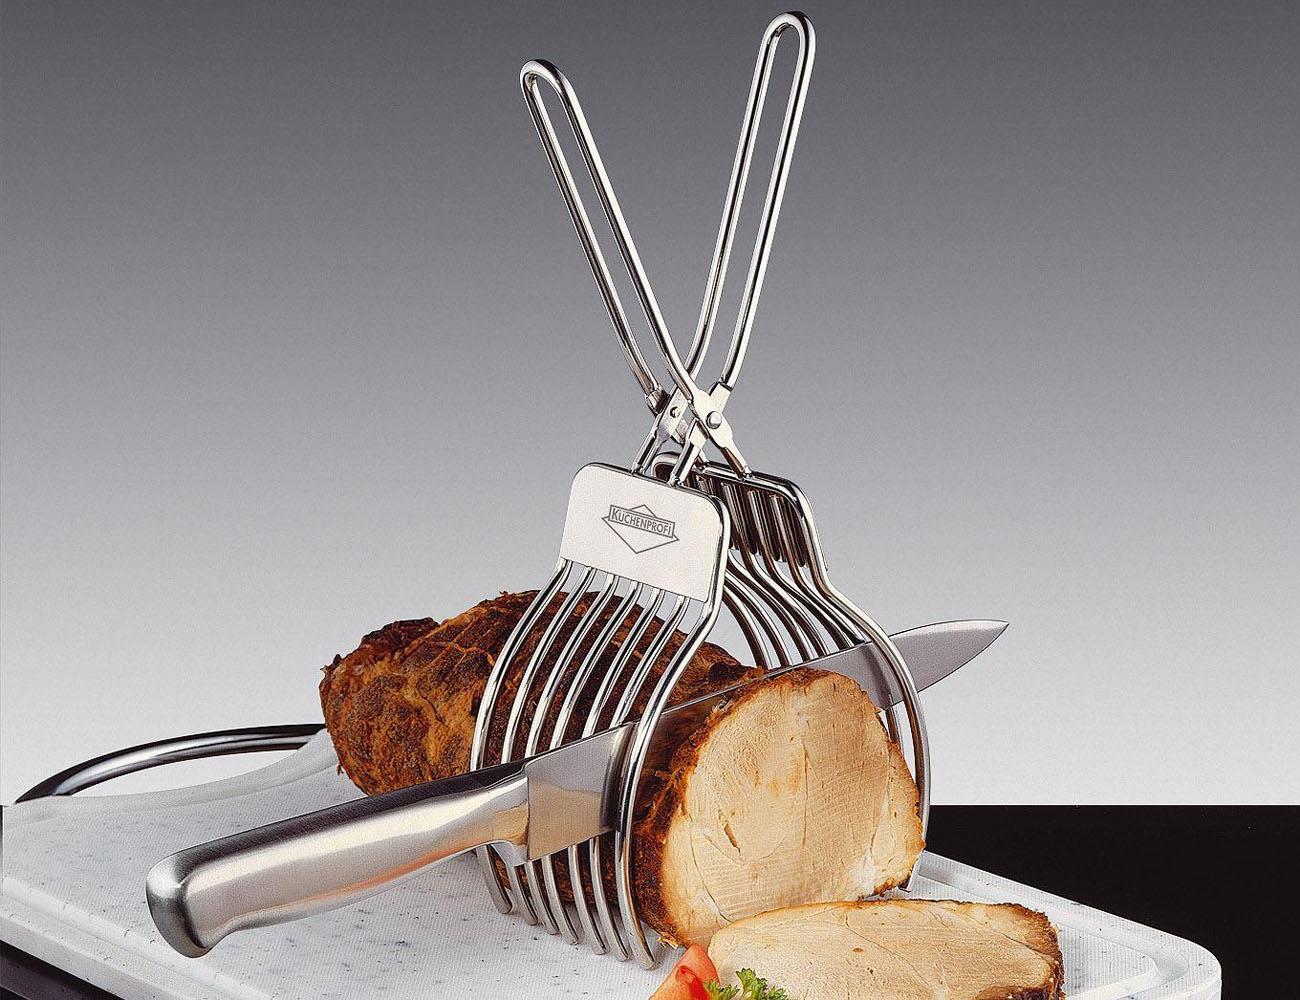 Roast Cutting Tongs